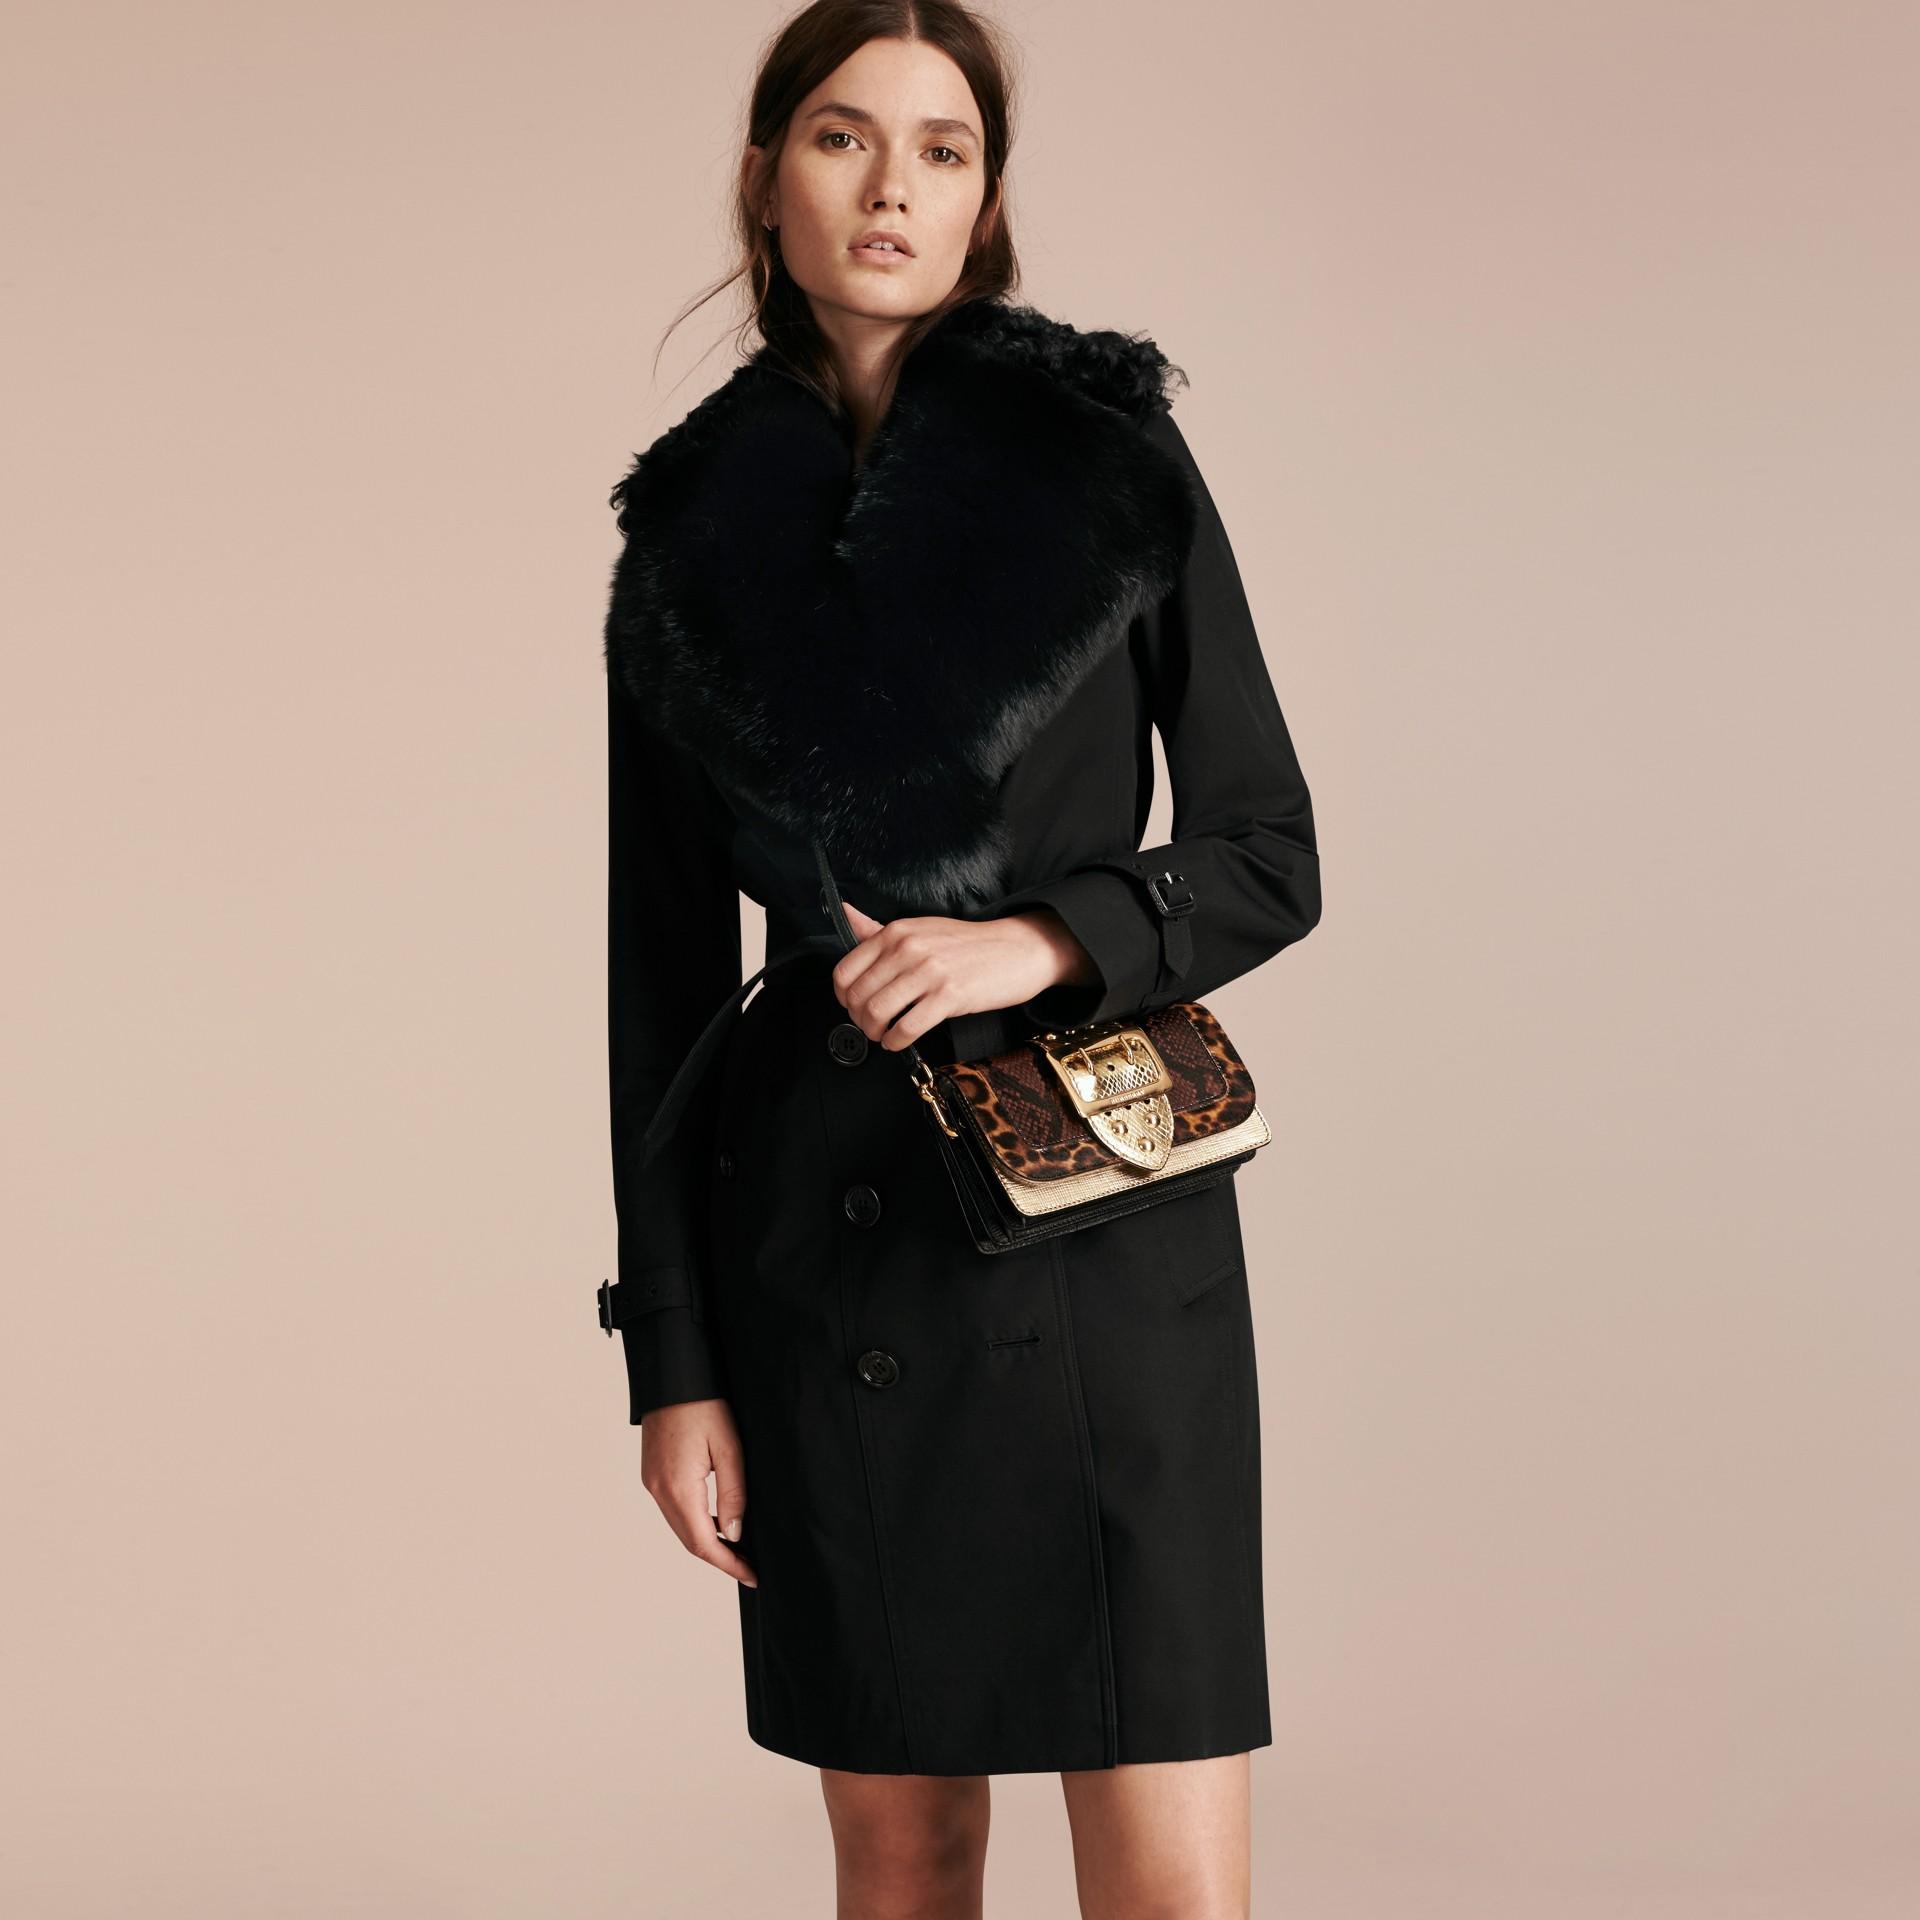 Or/noir Petit sac The Buckle à sequins et motif House check - photo de la galerie 8